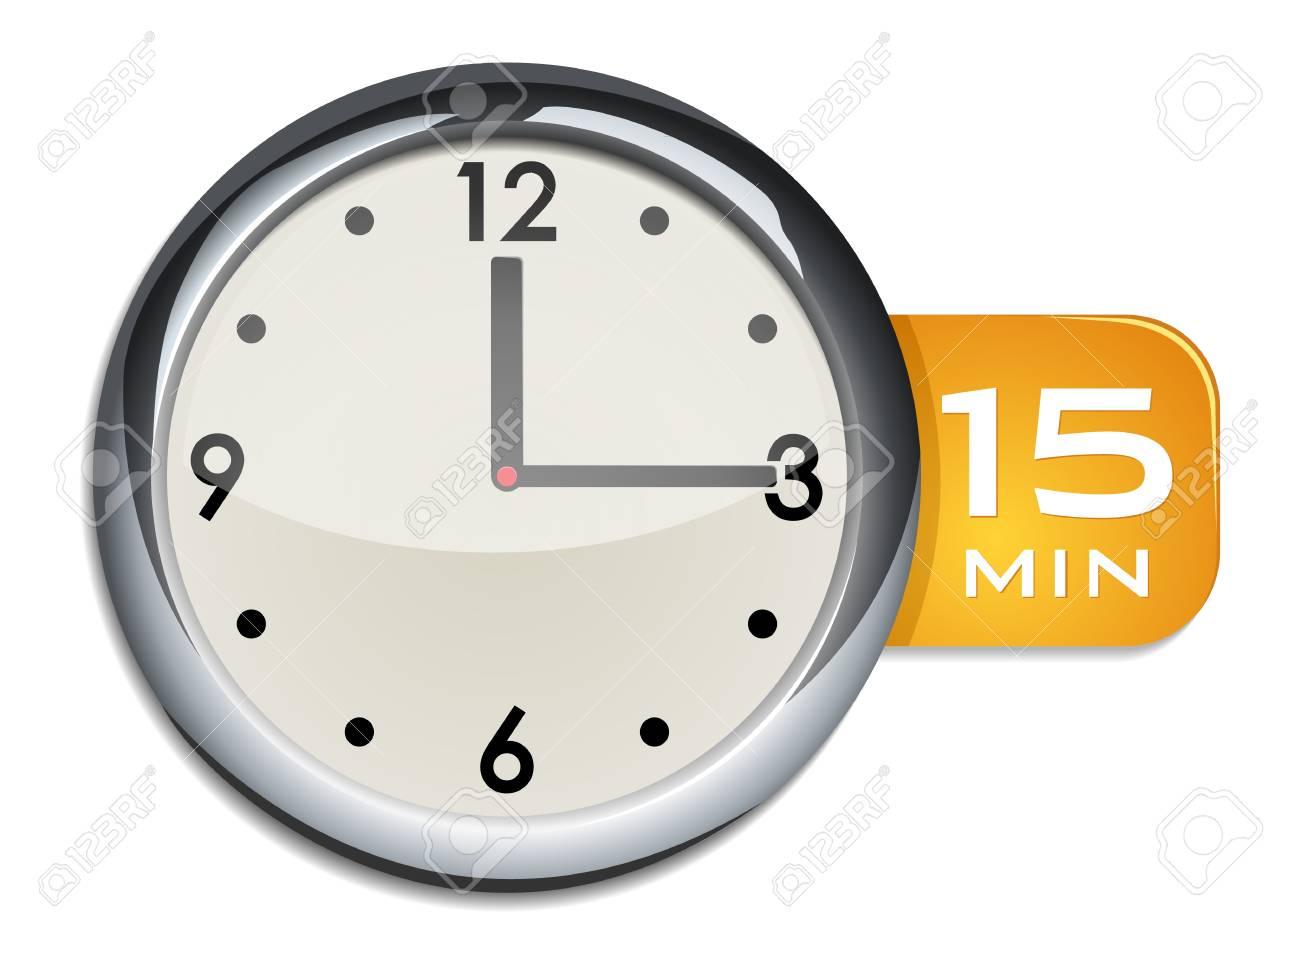 Buro Wanduhr Timer 15 Minuten Lizenzfrei Nutzbare Vektorgrafiken